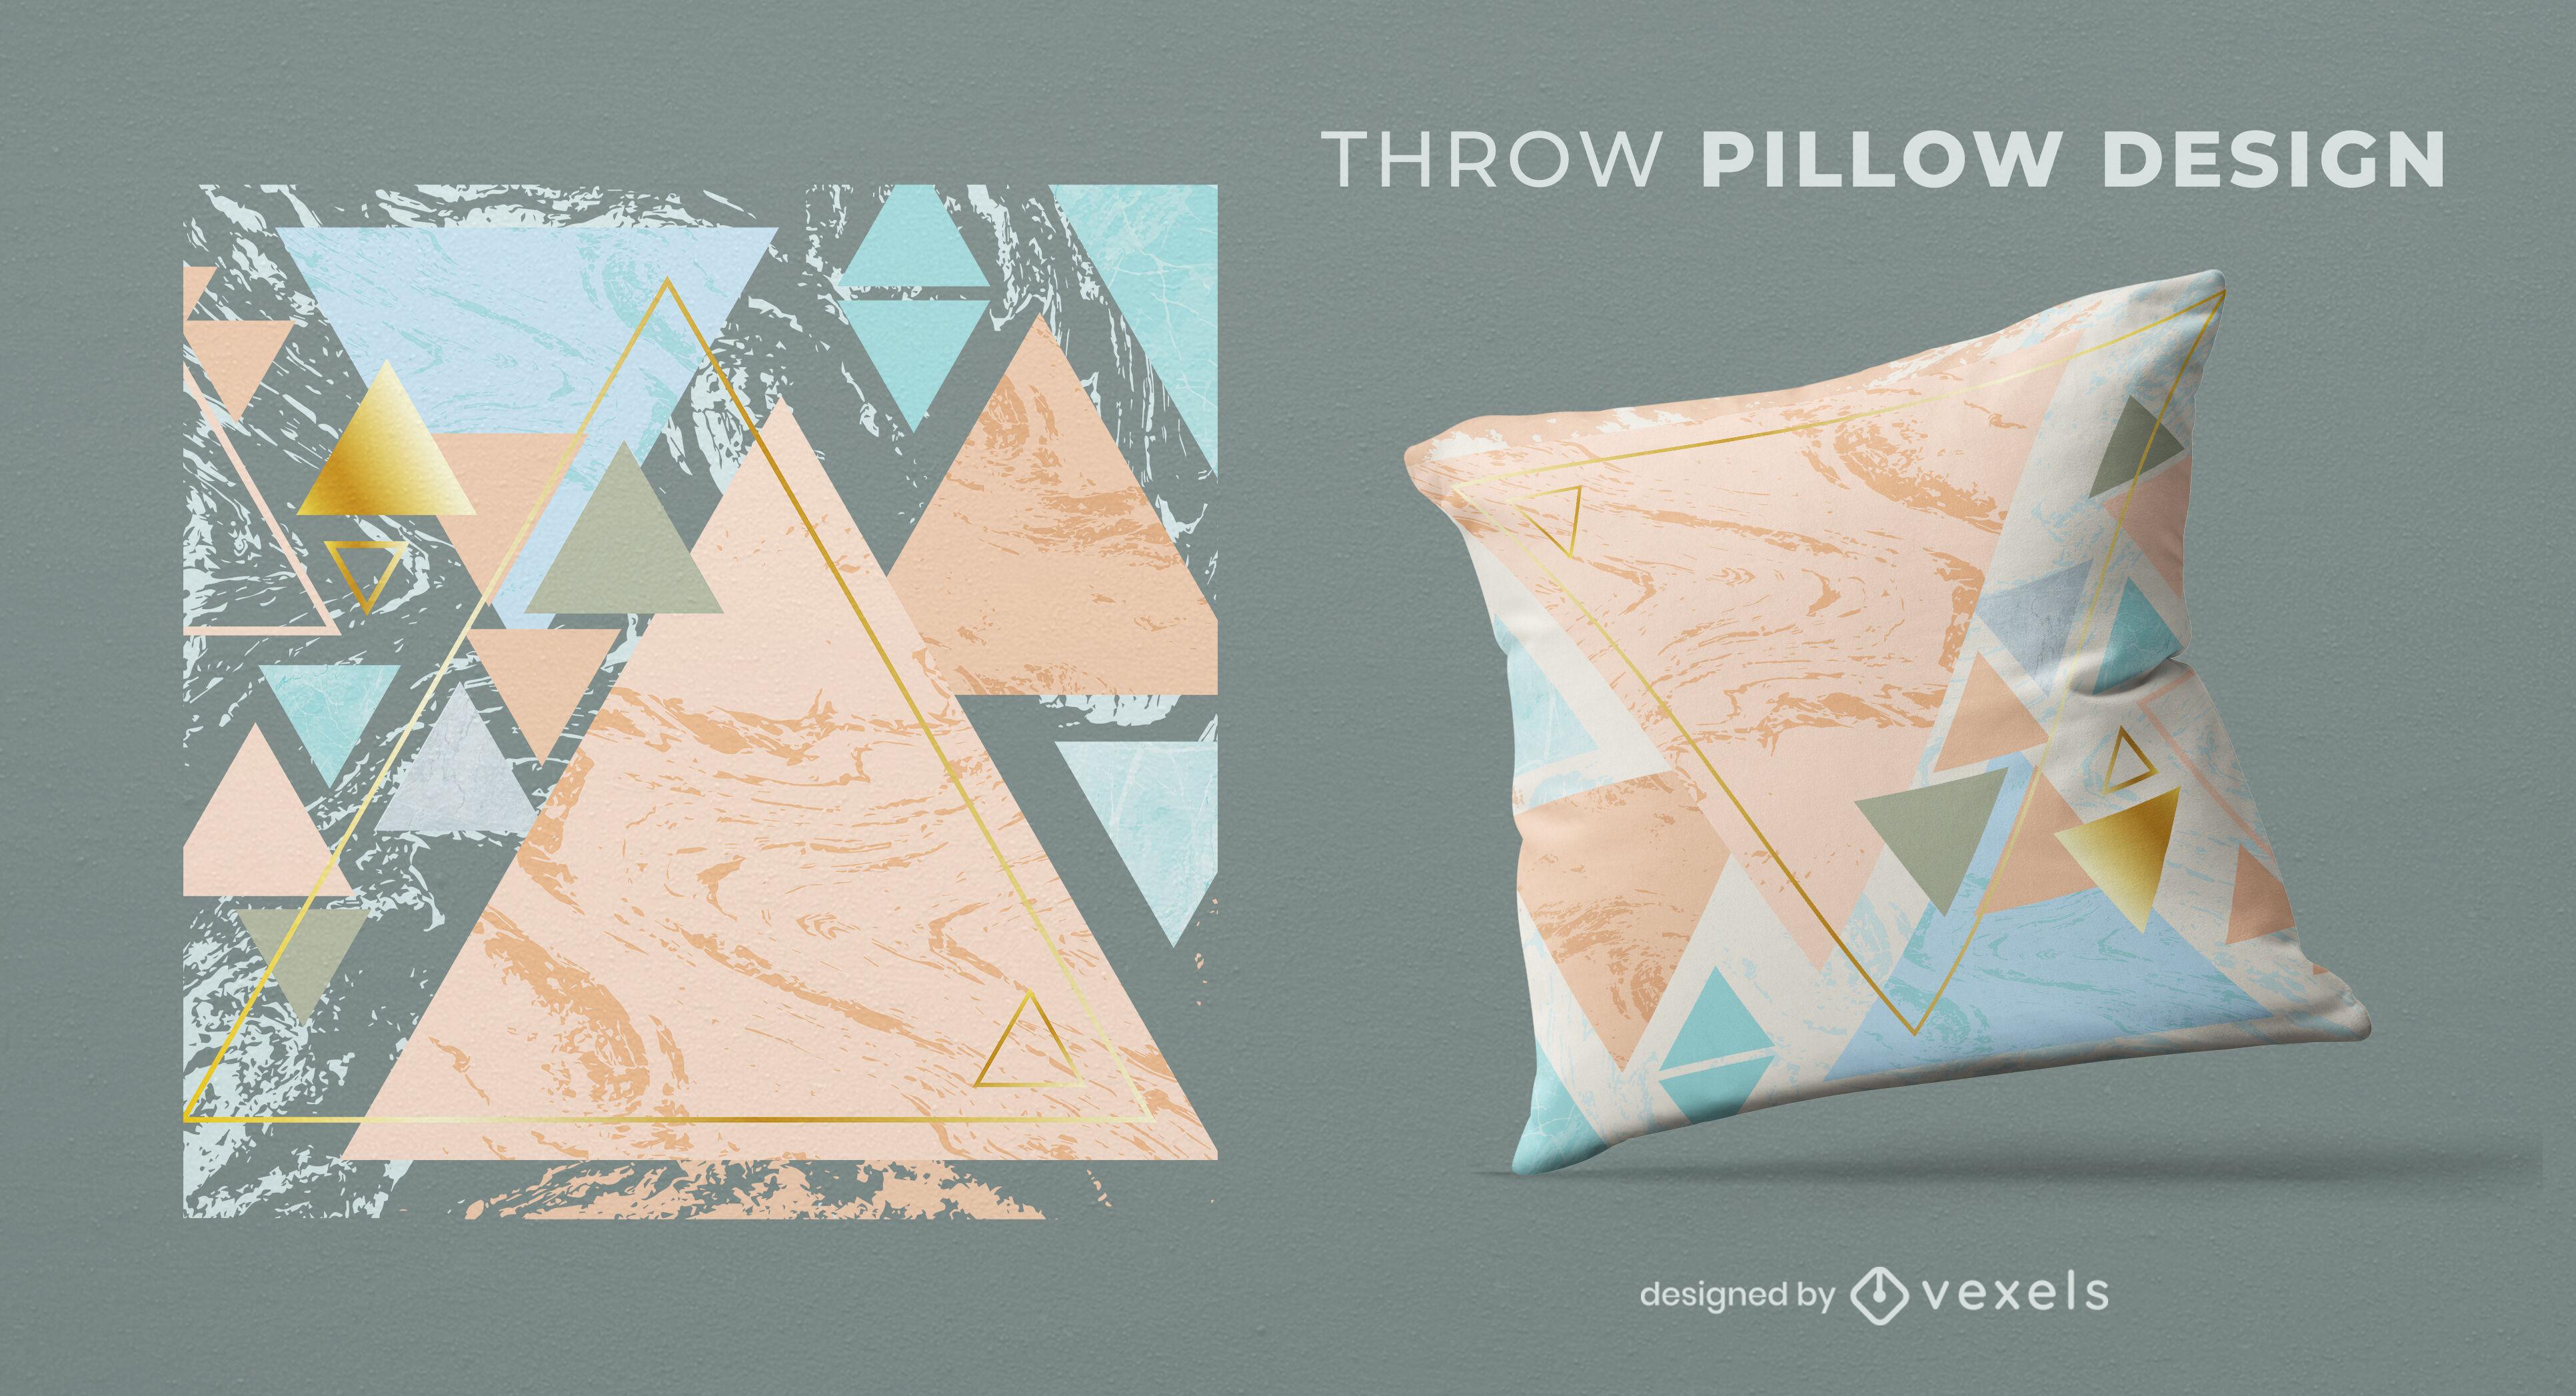 Diseño de almohada abstracta geométrica